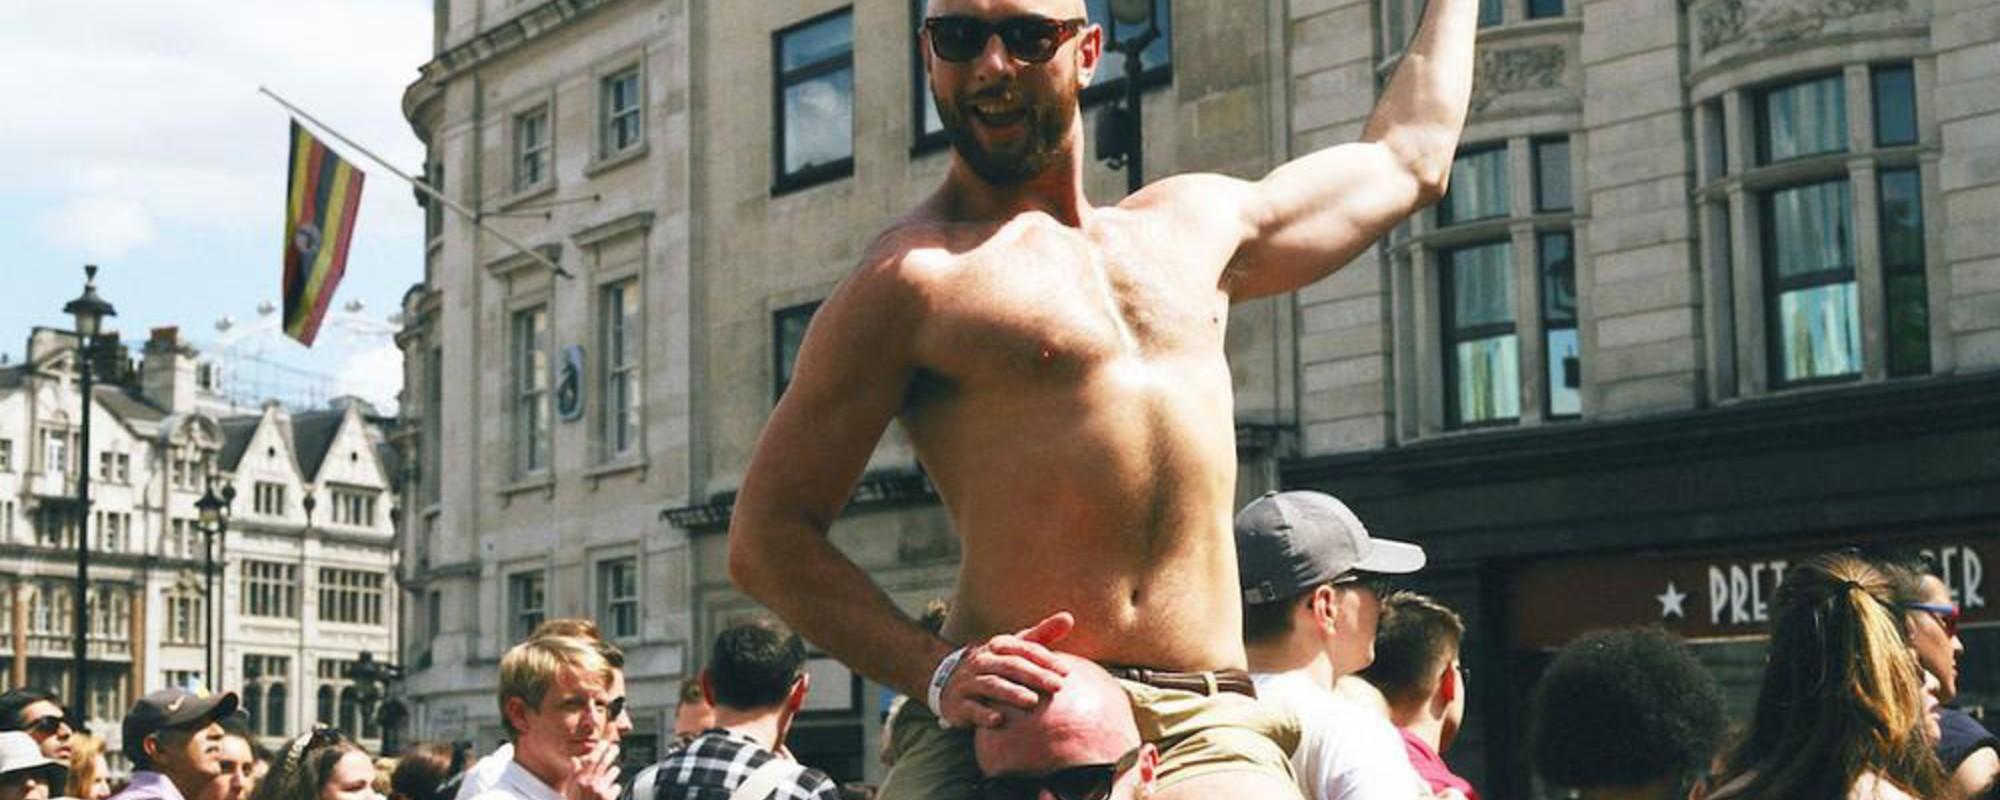 Tanguitas y predicadores: nuestras mejores fotos del Gay Pride en Londres